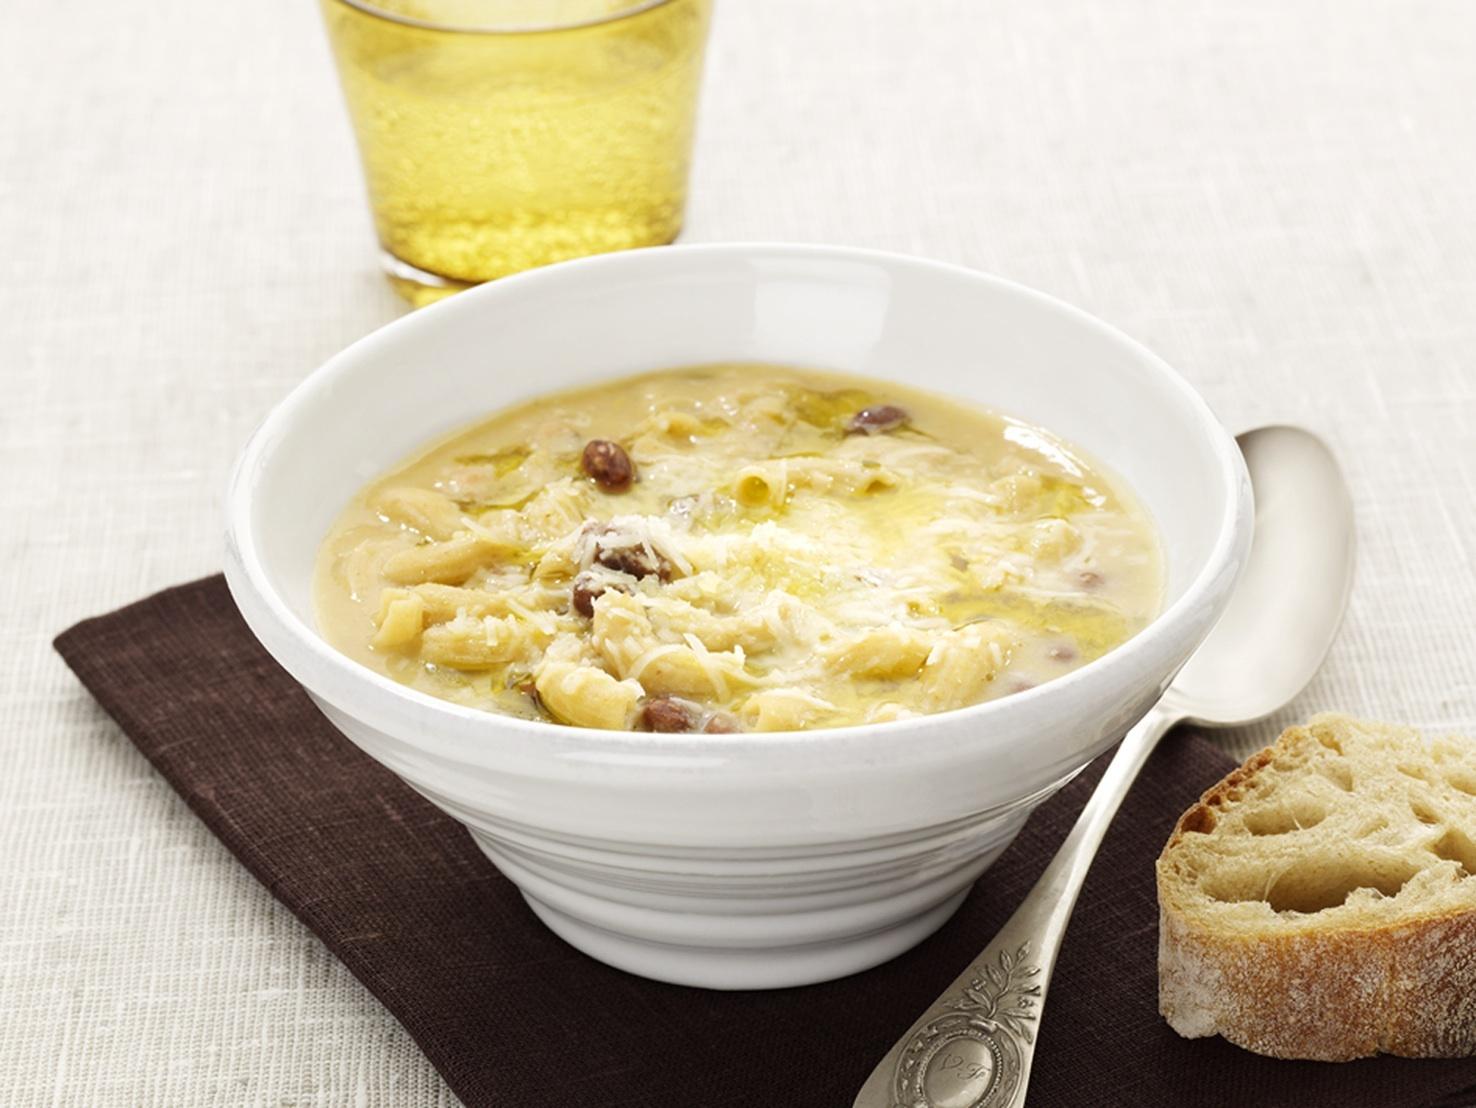 italiensk soppa pasta sidfläsk